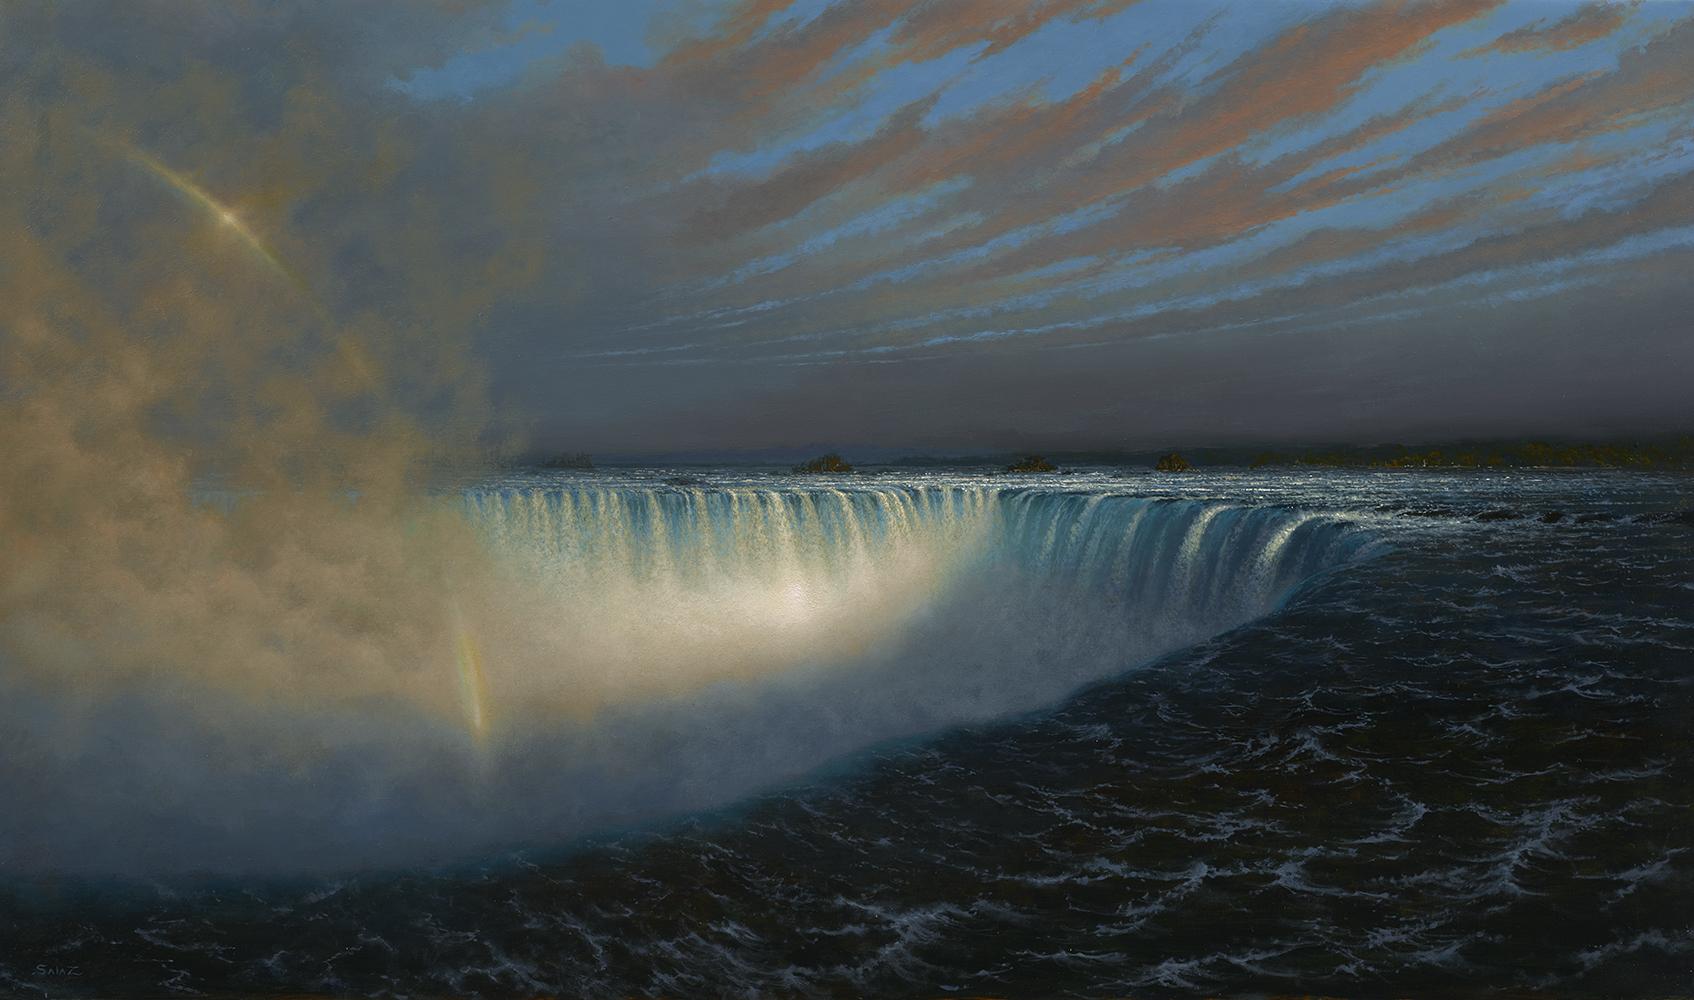 ken_salaz_kws1106_transcendence_niagara_falls.jpg